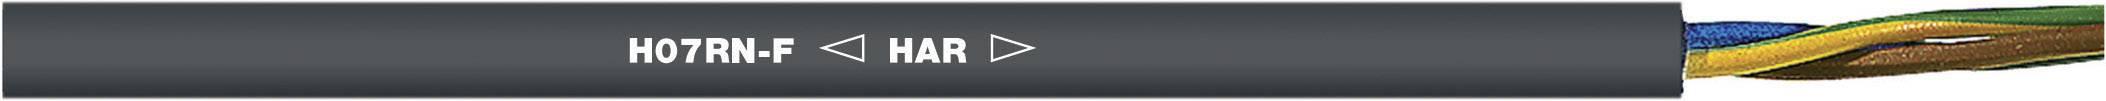 Gumový kabel LappKabel H07RN-F, 5x6 mm², černá